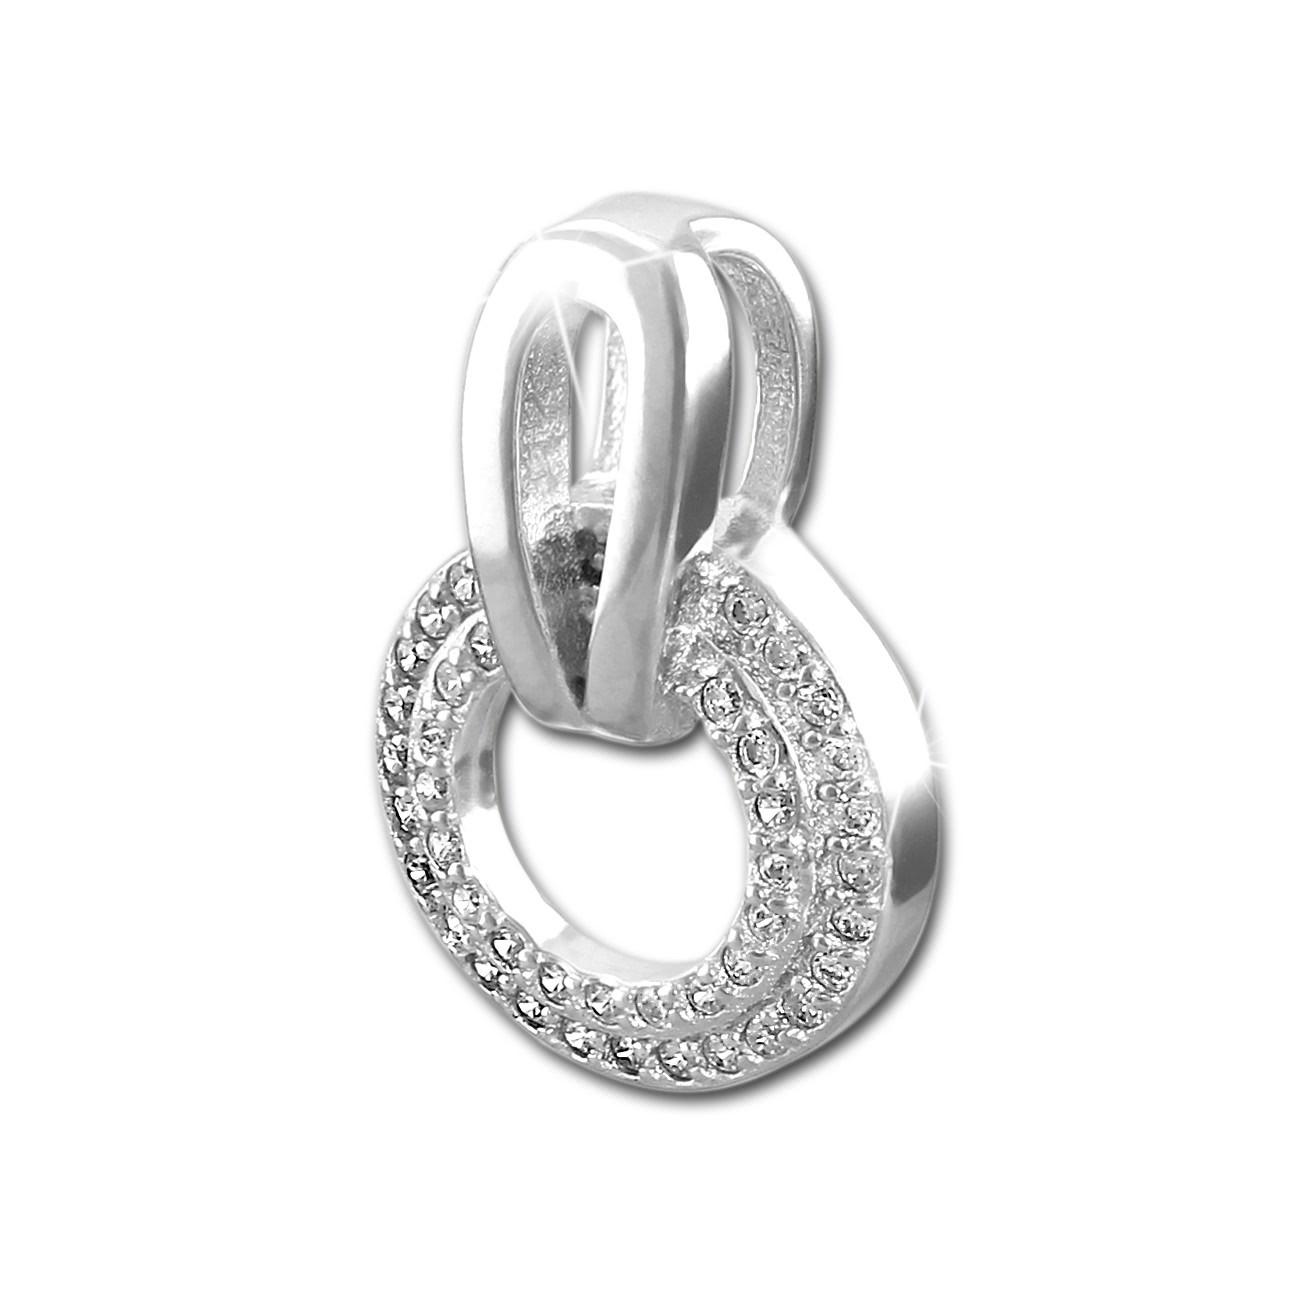 SilberDream Glitzer Kettenanhänger Round Zirkonia weiß Damen 925 Silber GSH403W